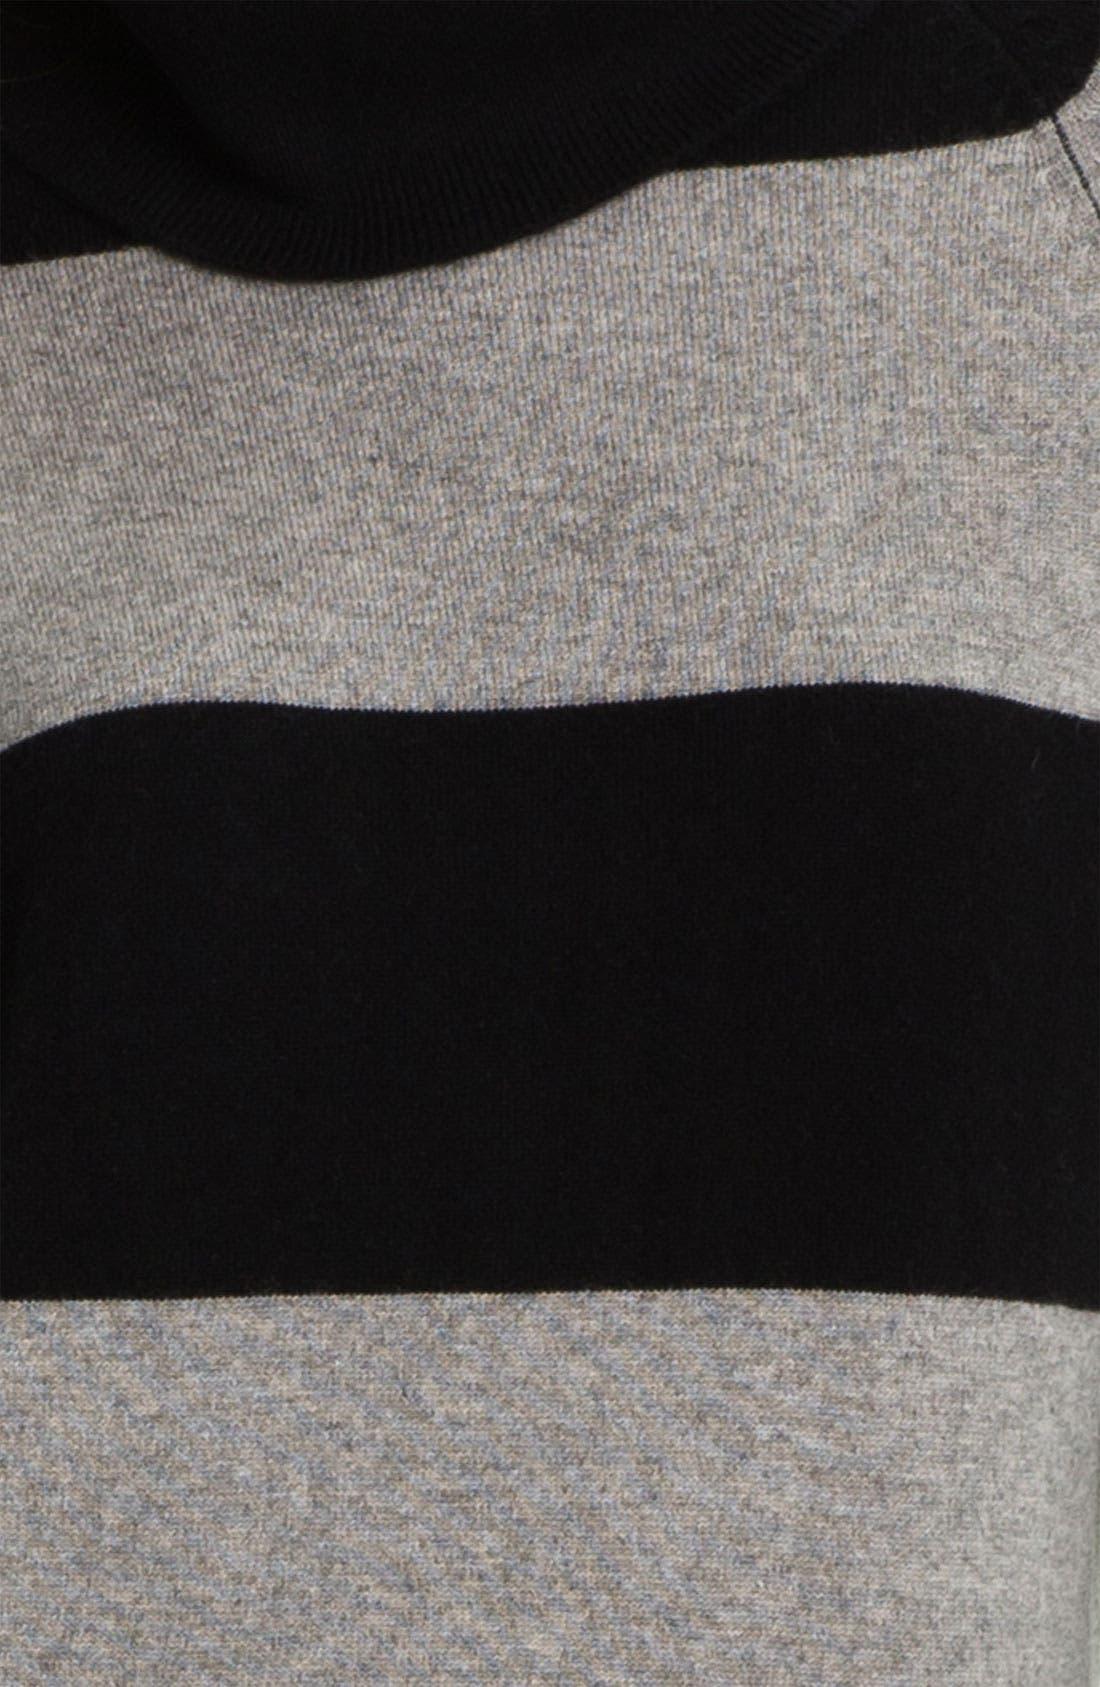 PURE AMICI, Stripe Cashmere Tunic, Alternate thumbnail 4, color, 001